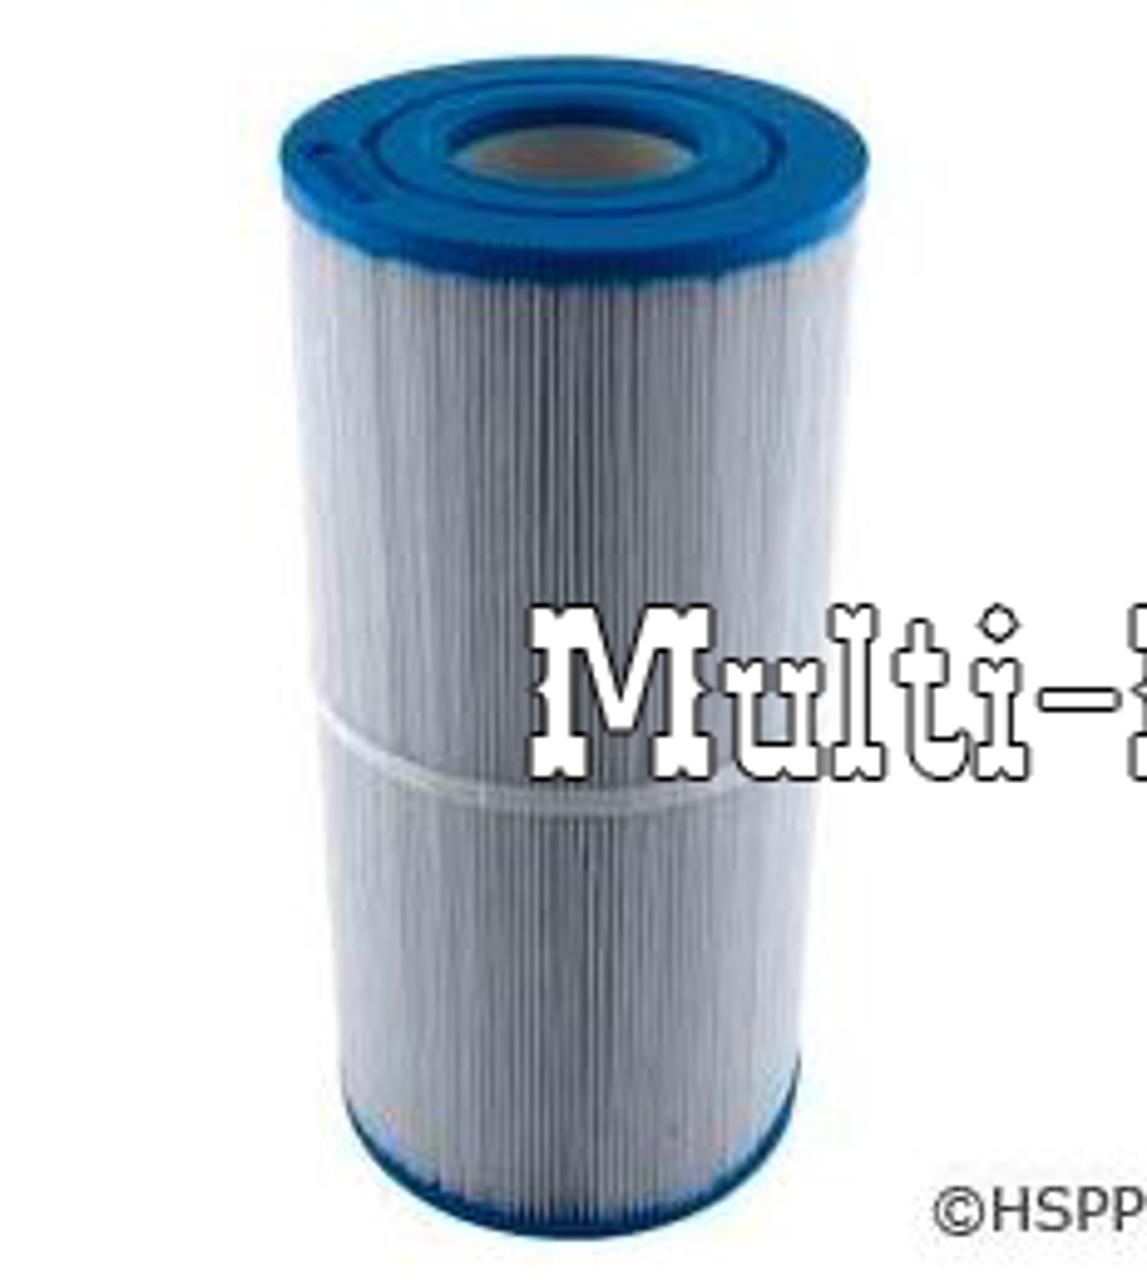 Filbur FC-3029 25 Sq Filter Cartridge Ft